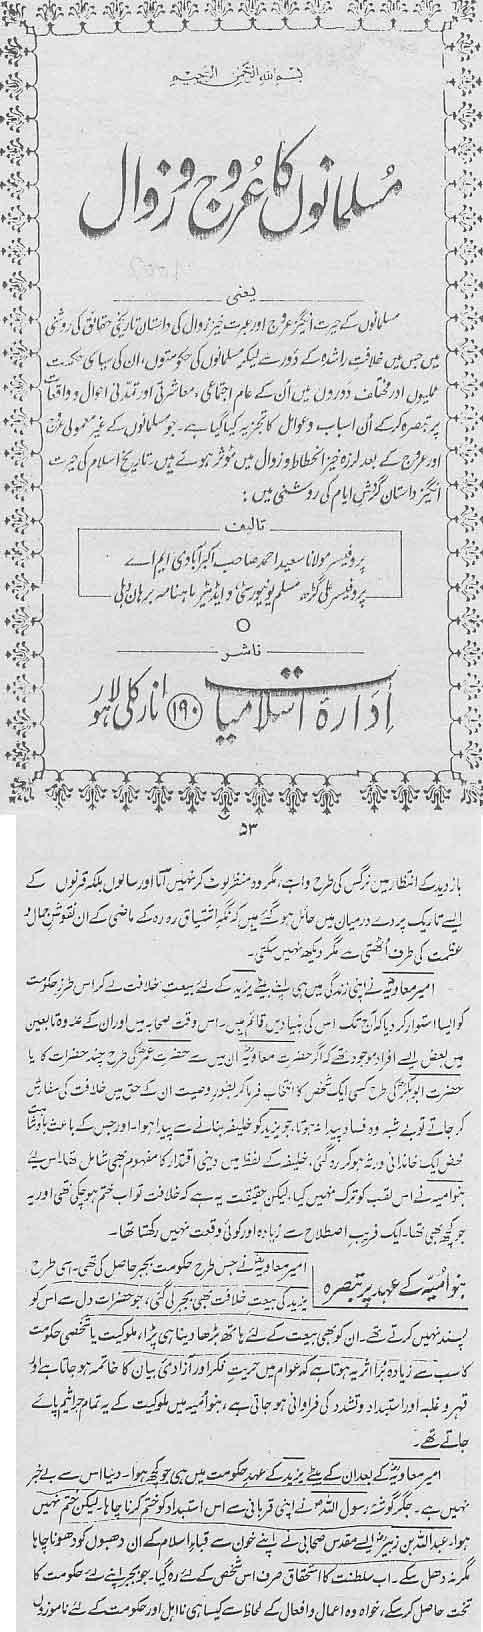 musalman_ka_uruj_zawal